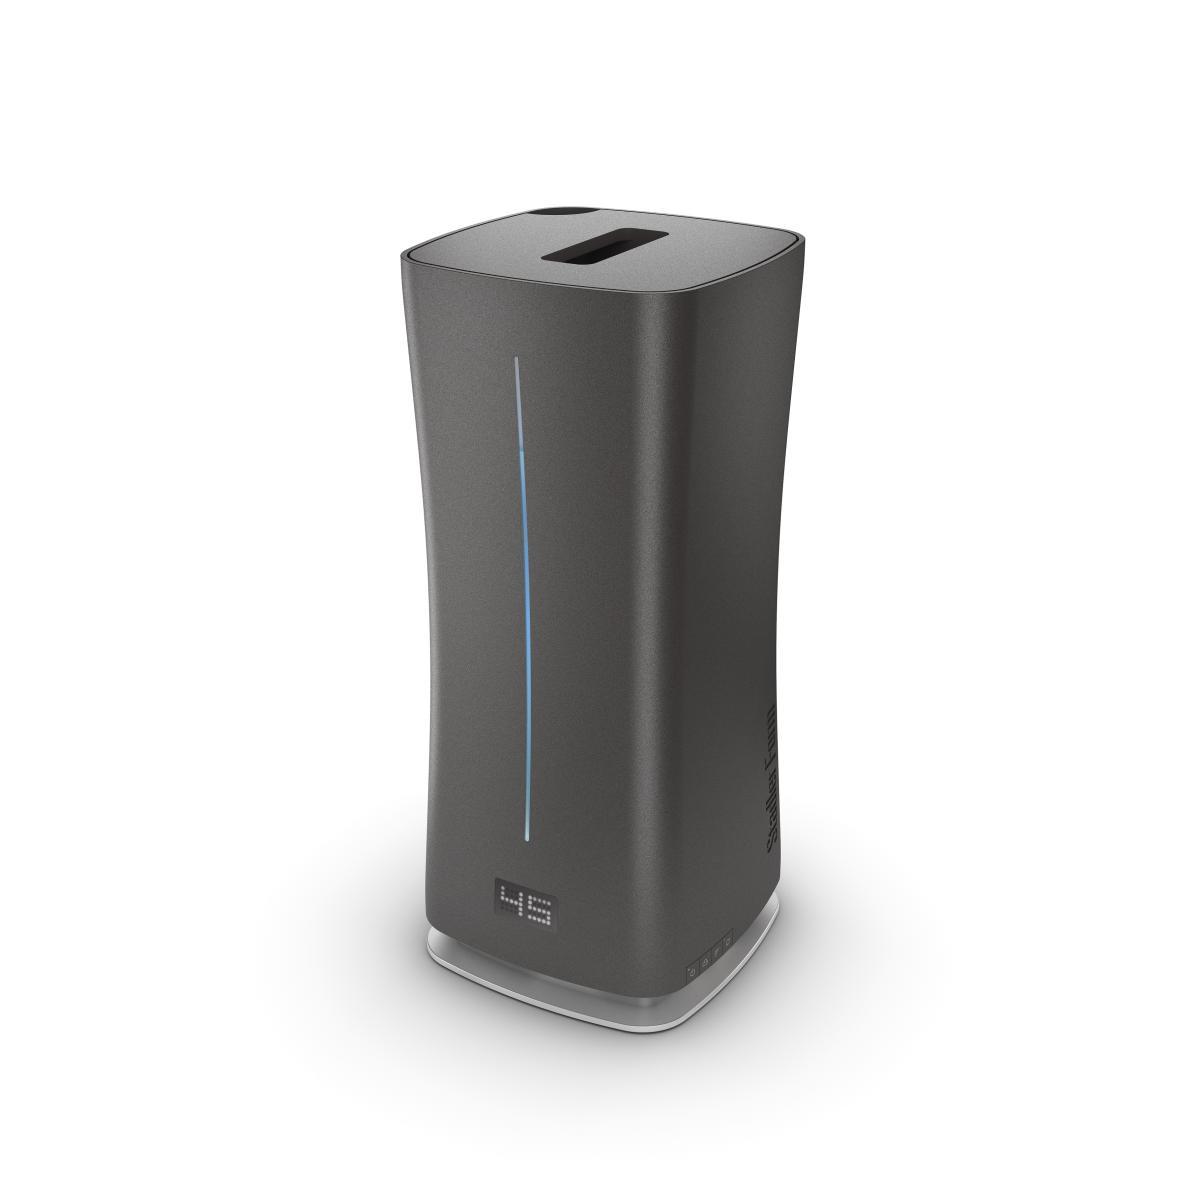 EVA LITTLE Luftbefeuchter titanium